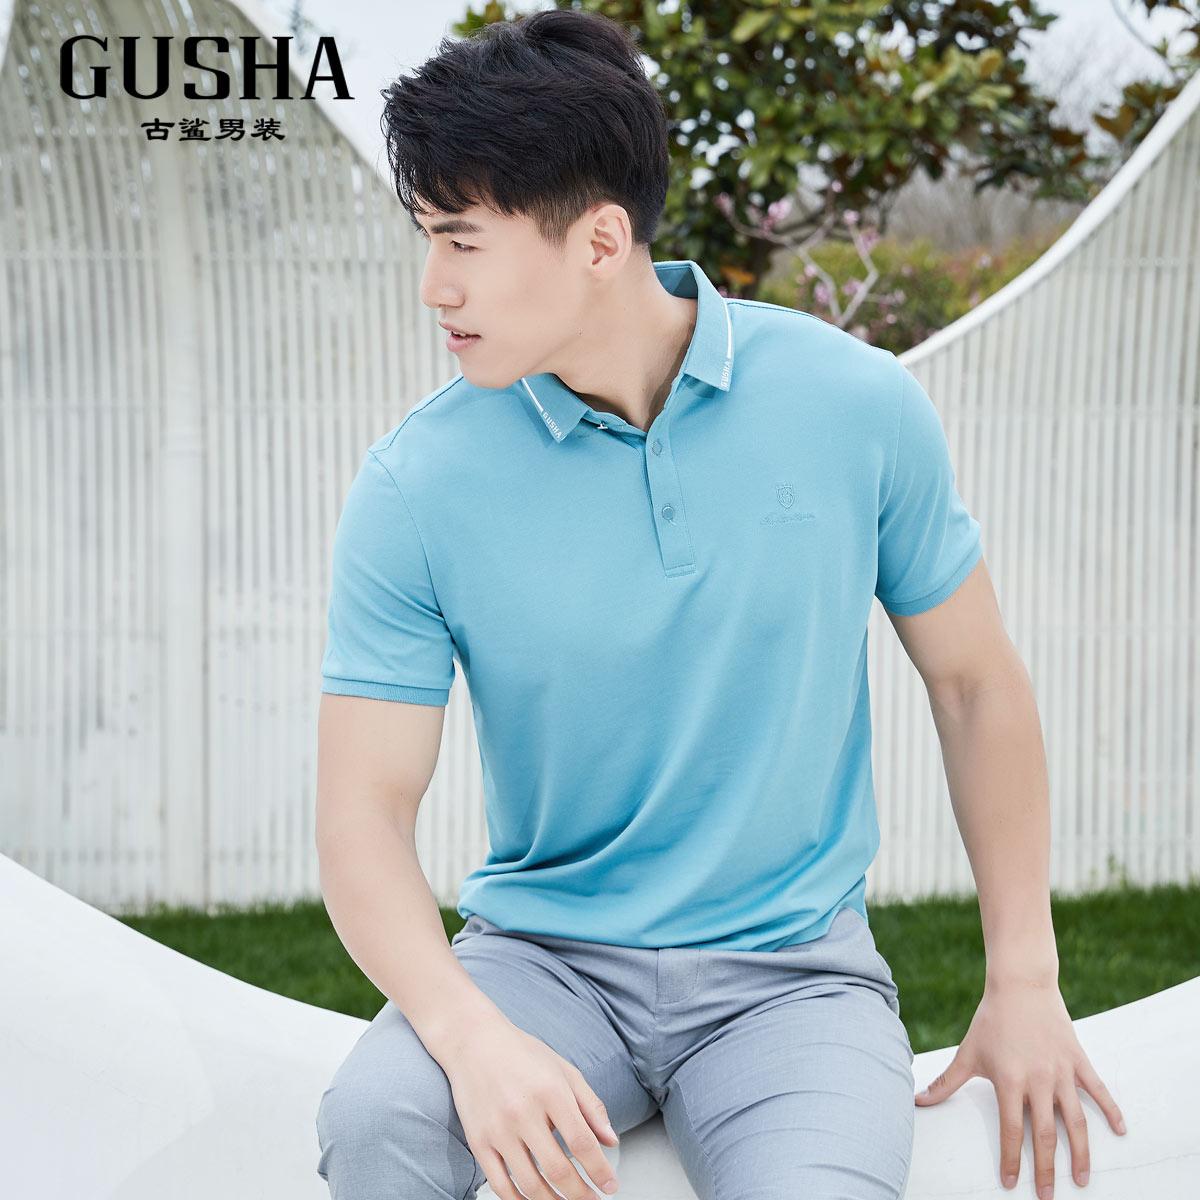 抗菌除臭新疆棉时尚青年翻领T恤柔软舒适